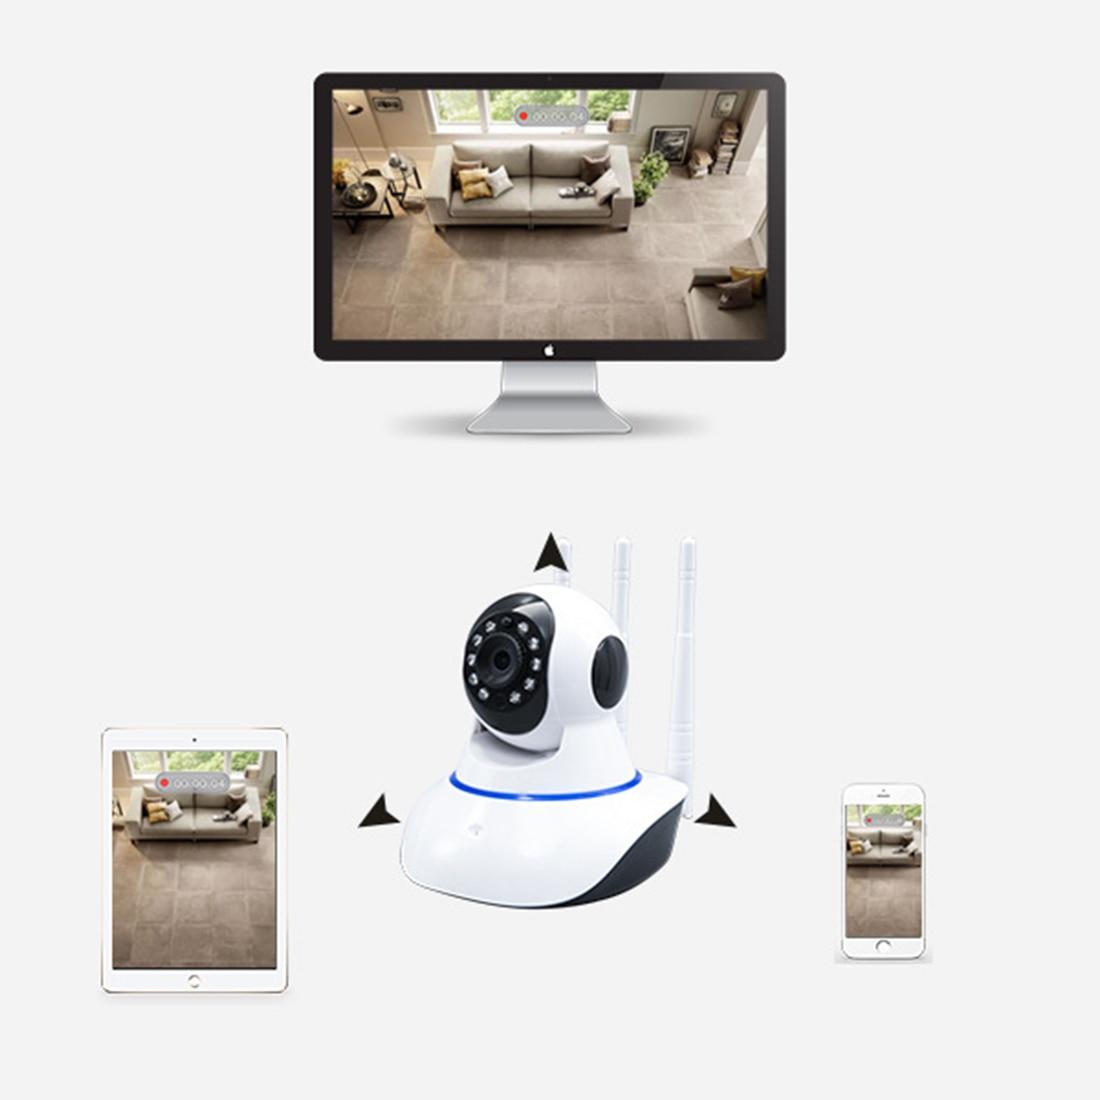 880 nouvelle haute définition Cloud stockage caméra de sécurité téléphone Mobile à distance sans fil WIFI intelligent petite caméra de Surveillance de bébé - 5